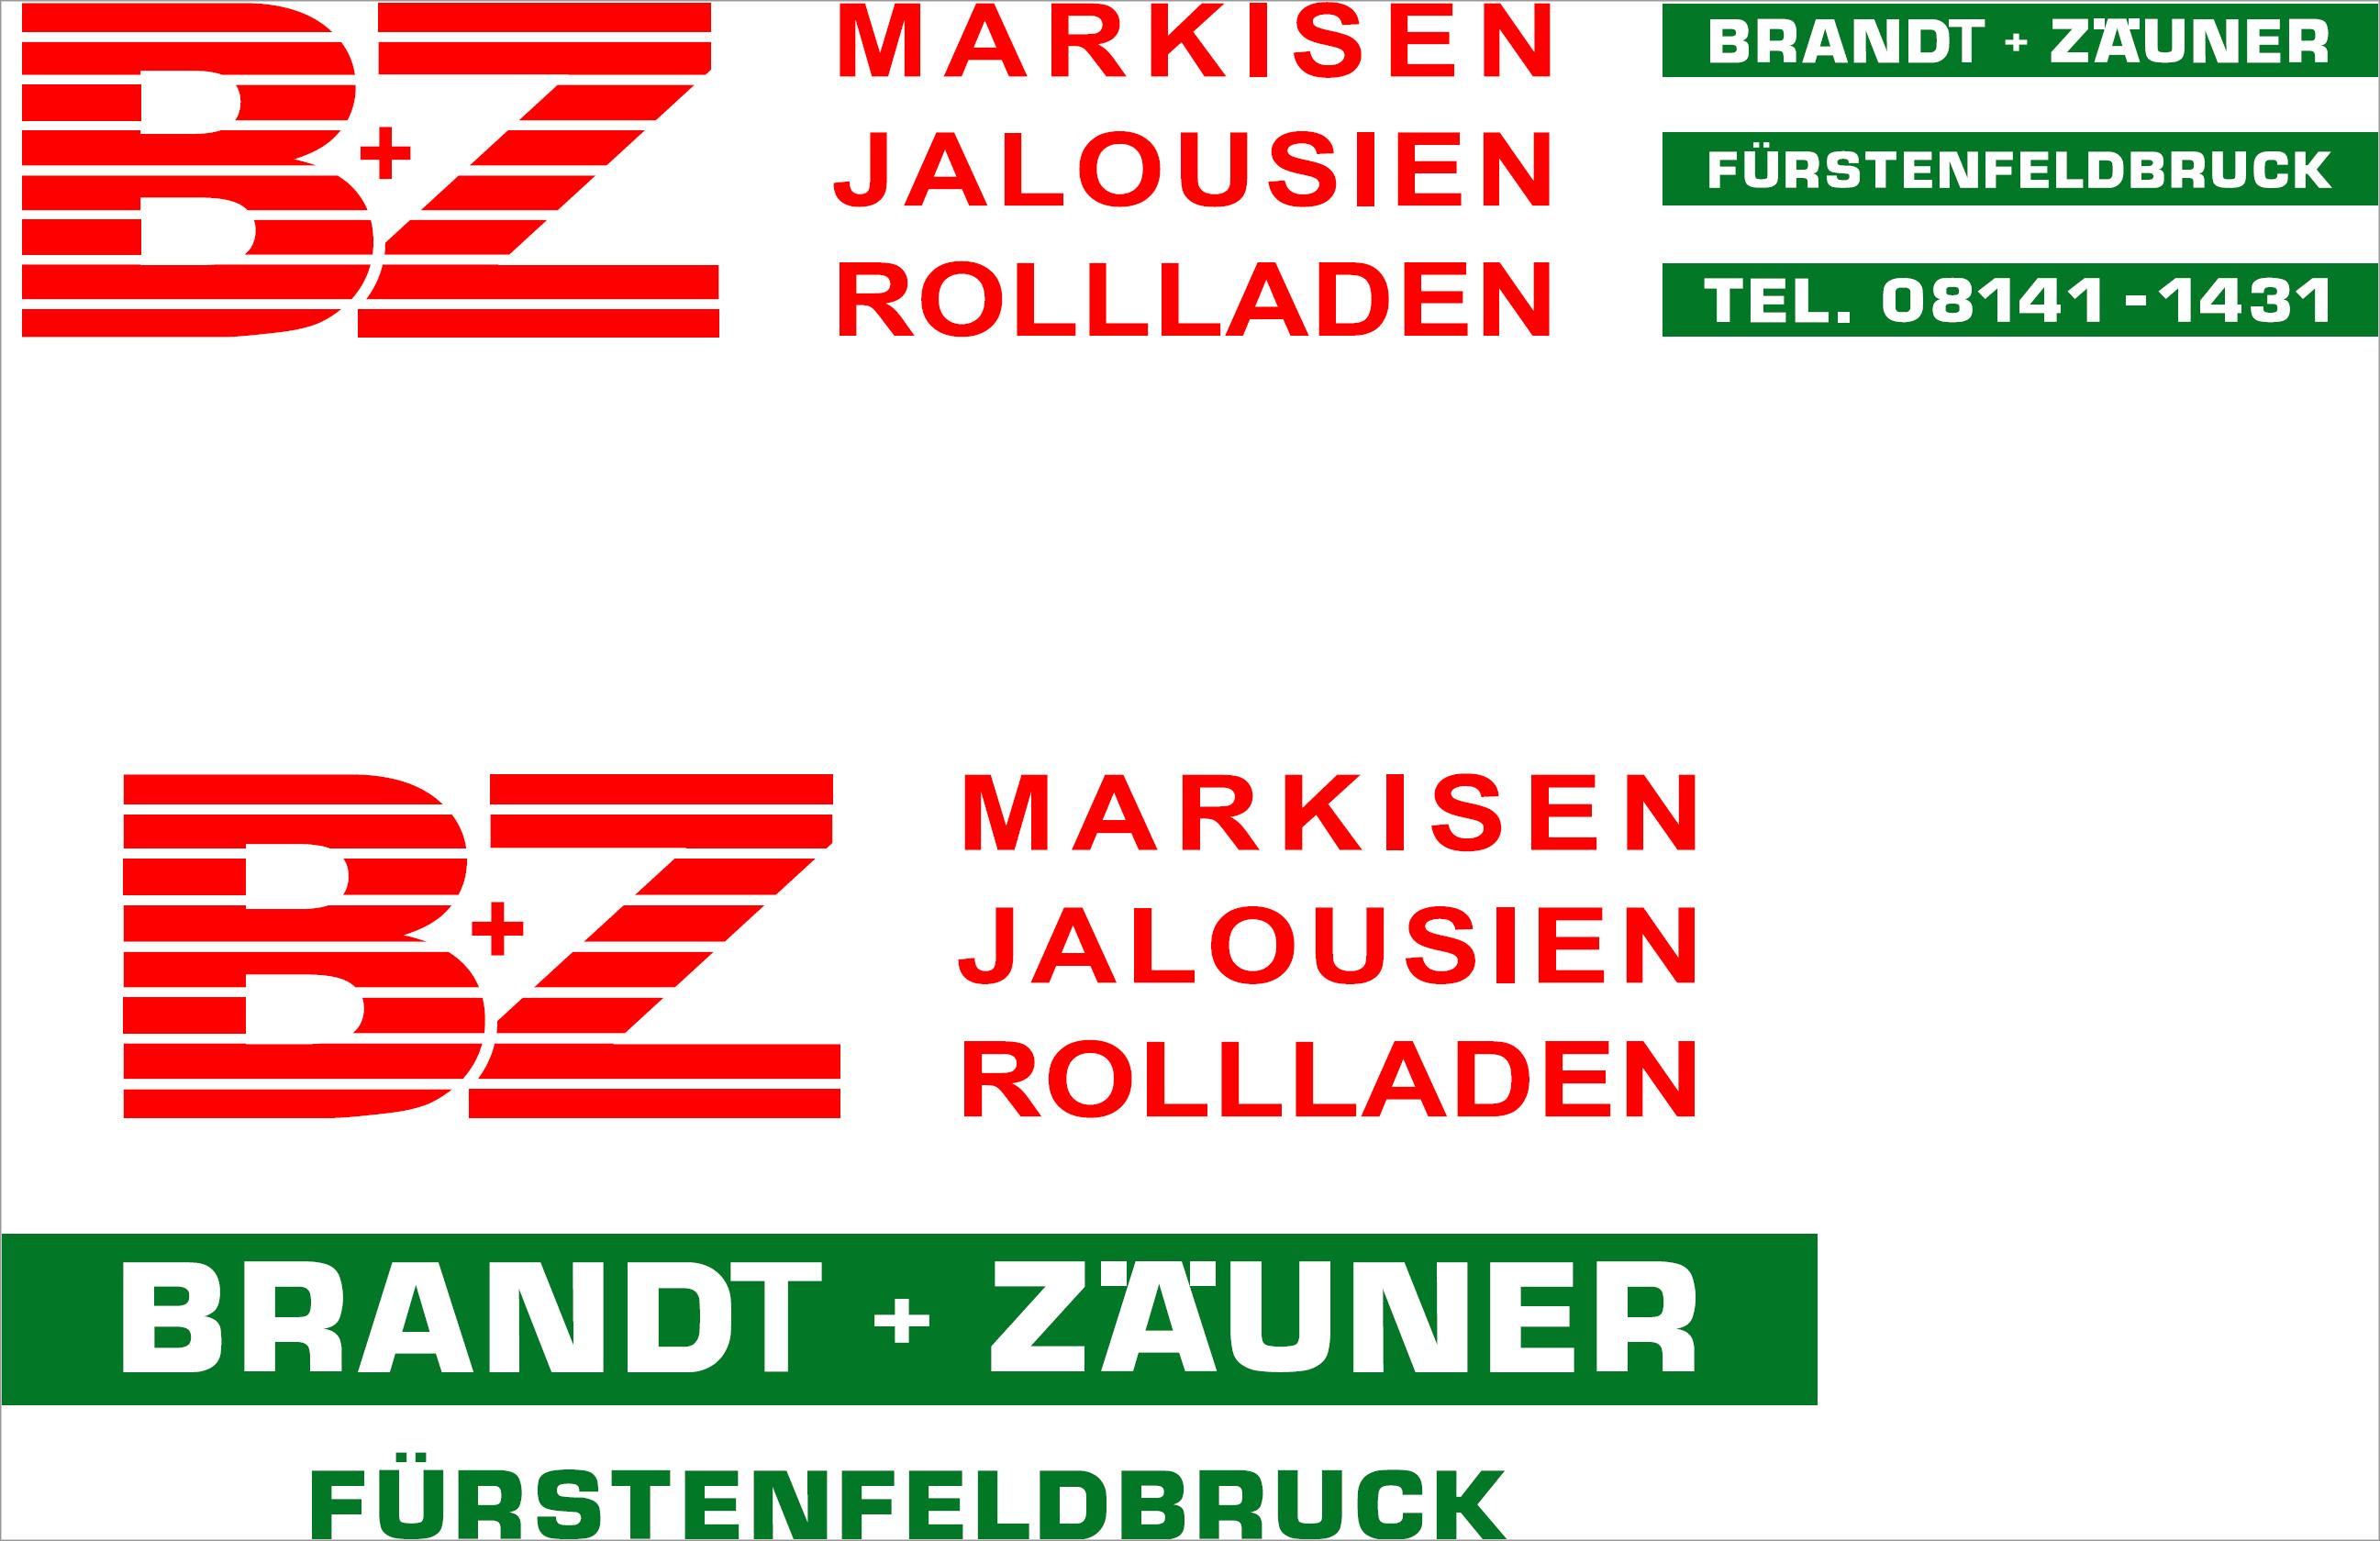 BrandZaeuner